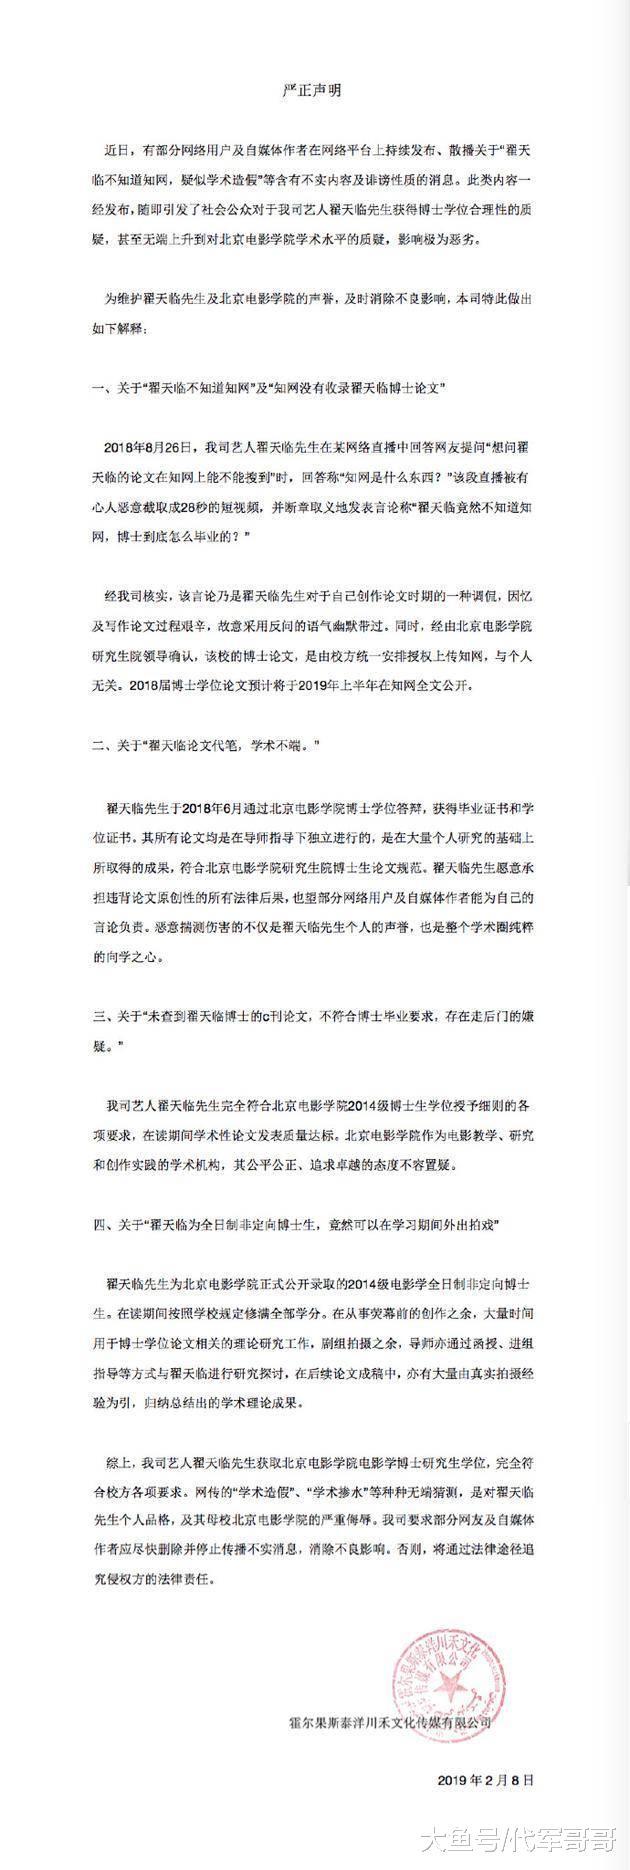 娱乐圈学霸男神,曾与辛芷蕾传绯闻,如今32岁却面临人设坍塌?